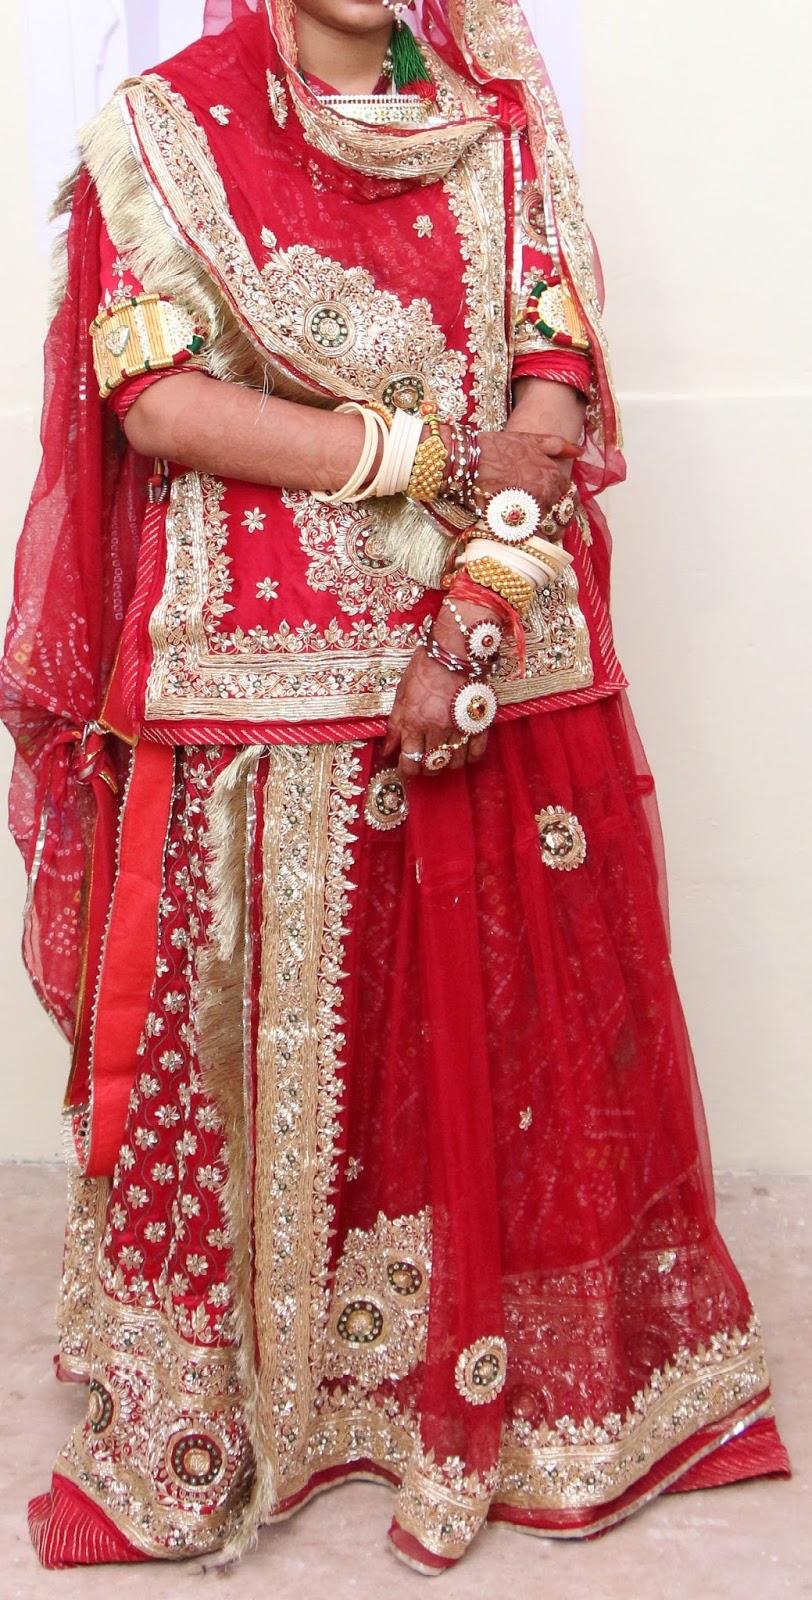 Rajputi bridal dresses (Red bari)   Culture of Rajasthan